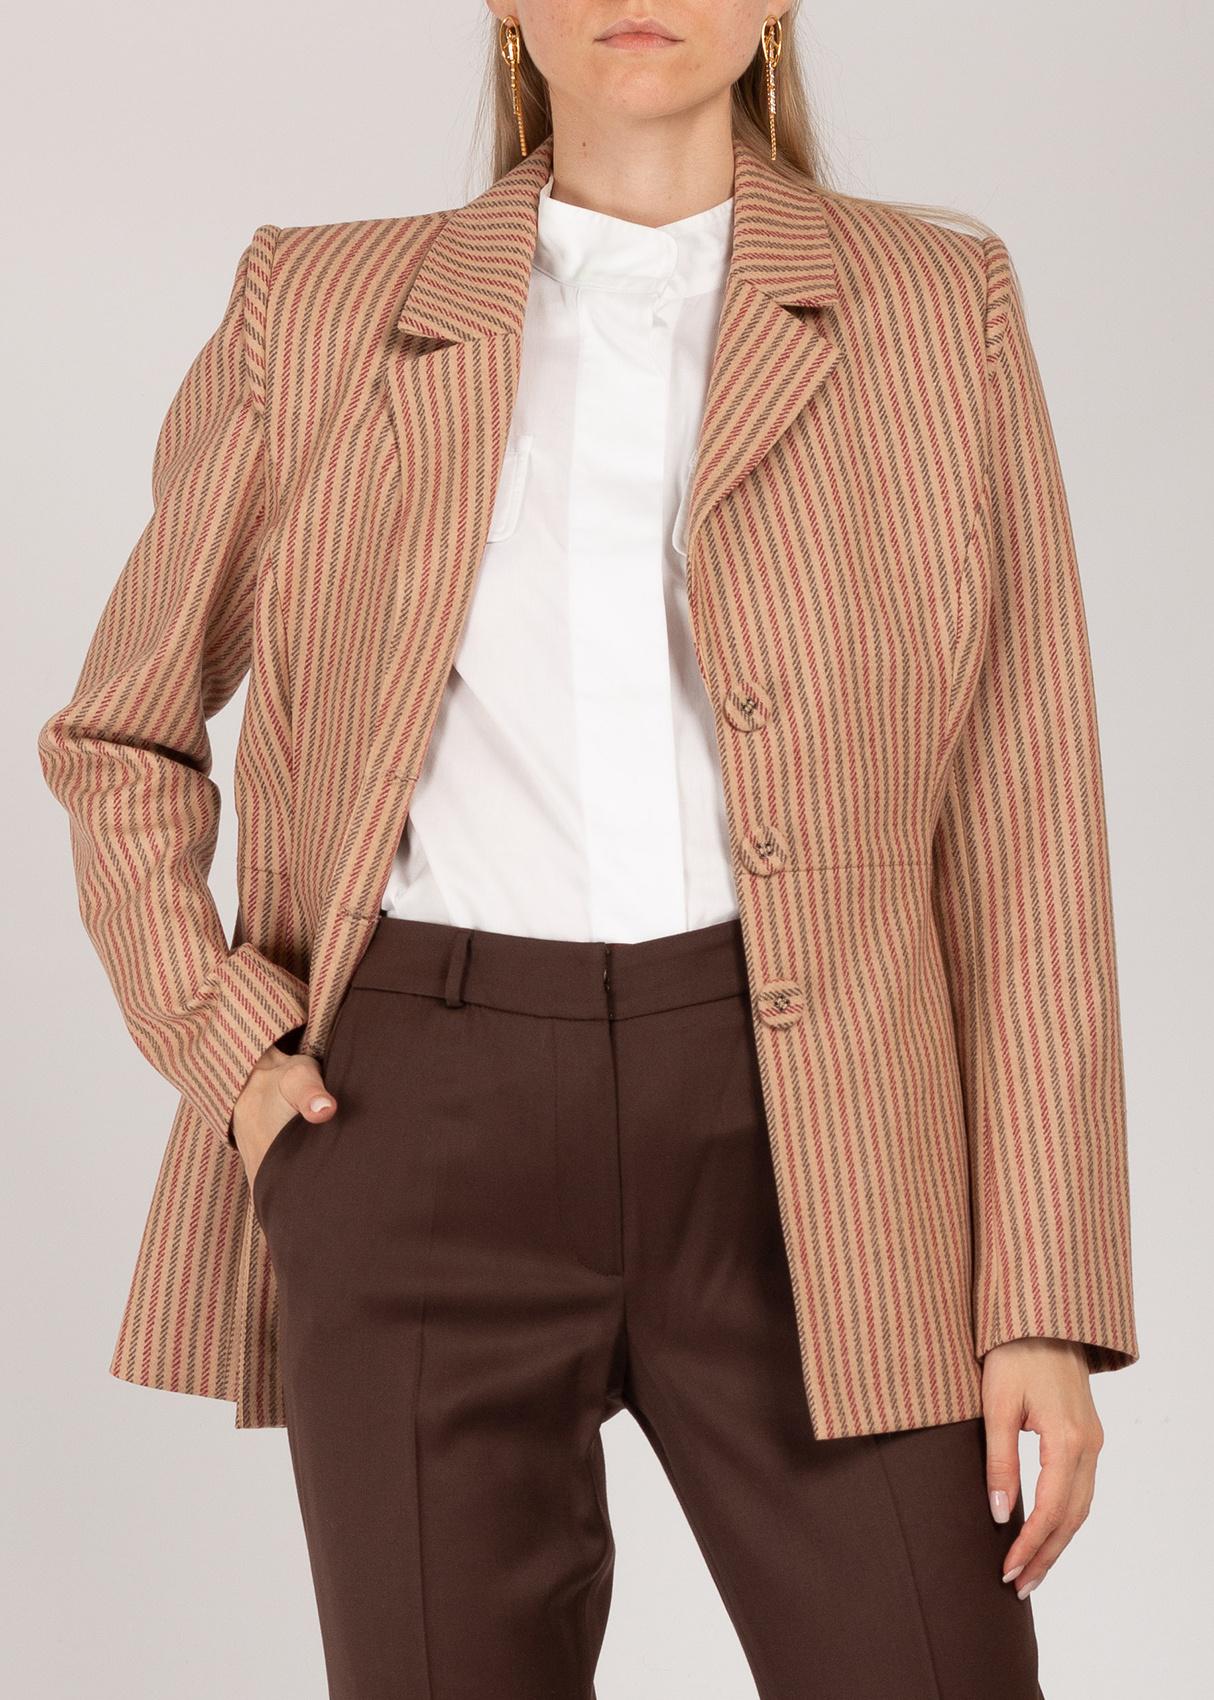 Бежевый пиджак Iva Nerolli в полоску